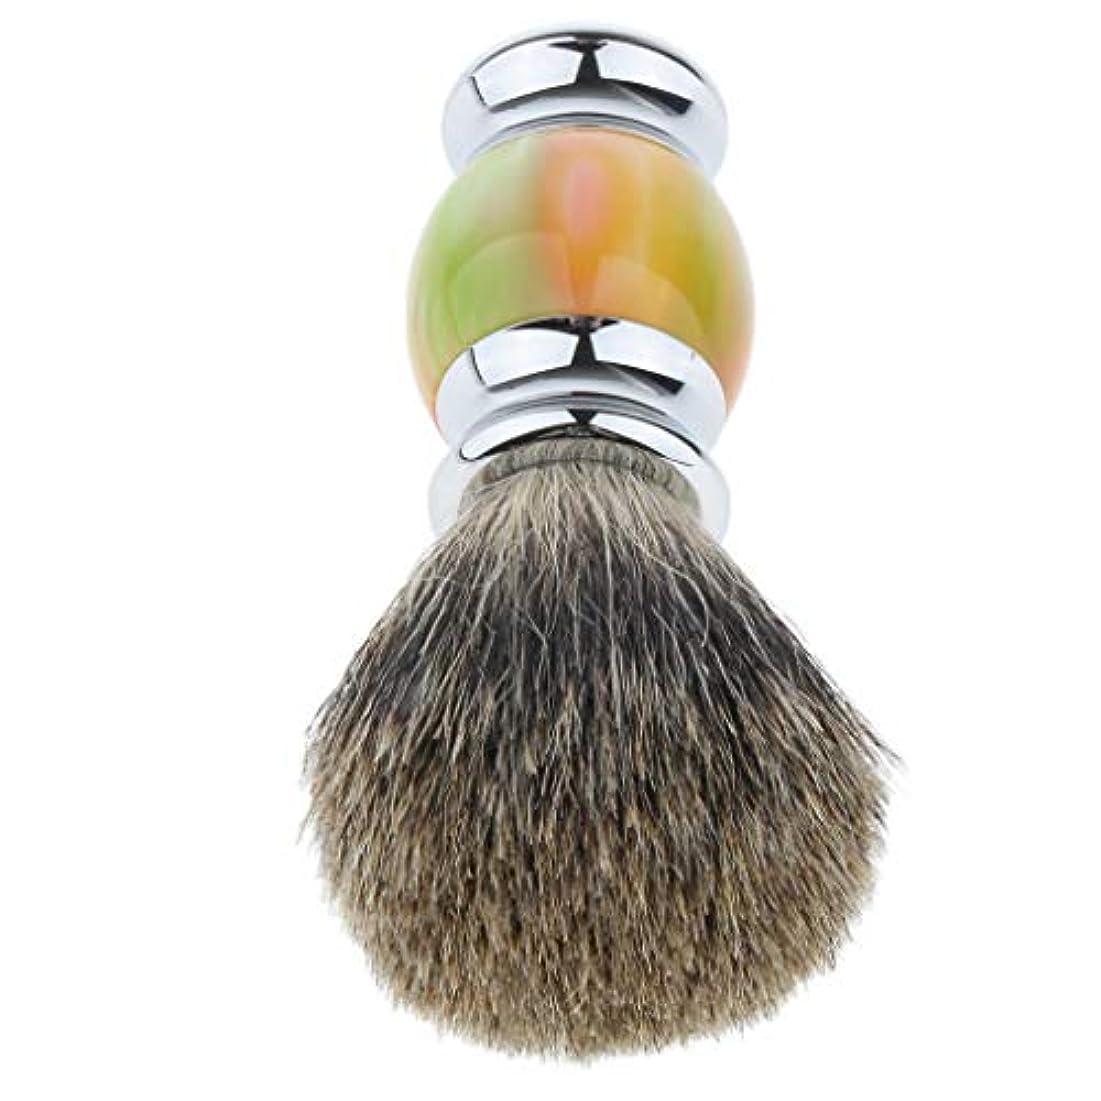 ラフレシアアルノルディ偽物脊椎シェービングブラシ ひげブラシ ひげ剃り 理容 洗顔 髭剃り ひげ剃りブラシ 多色選べ - 01